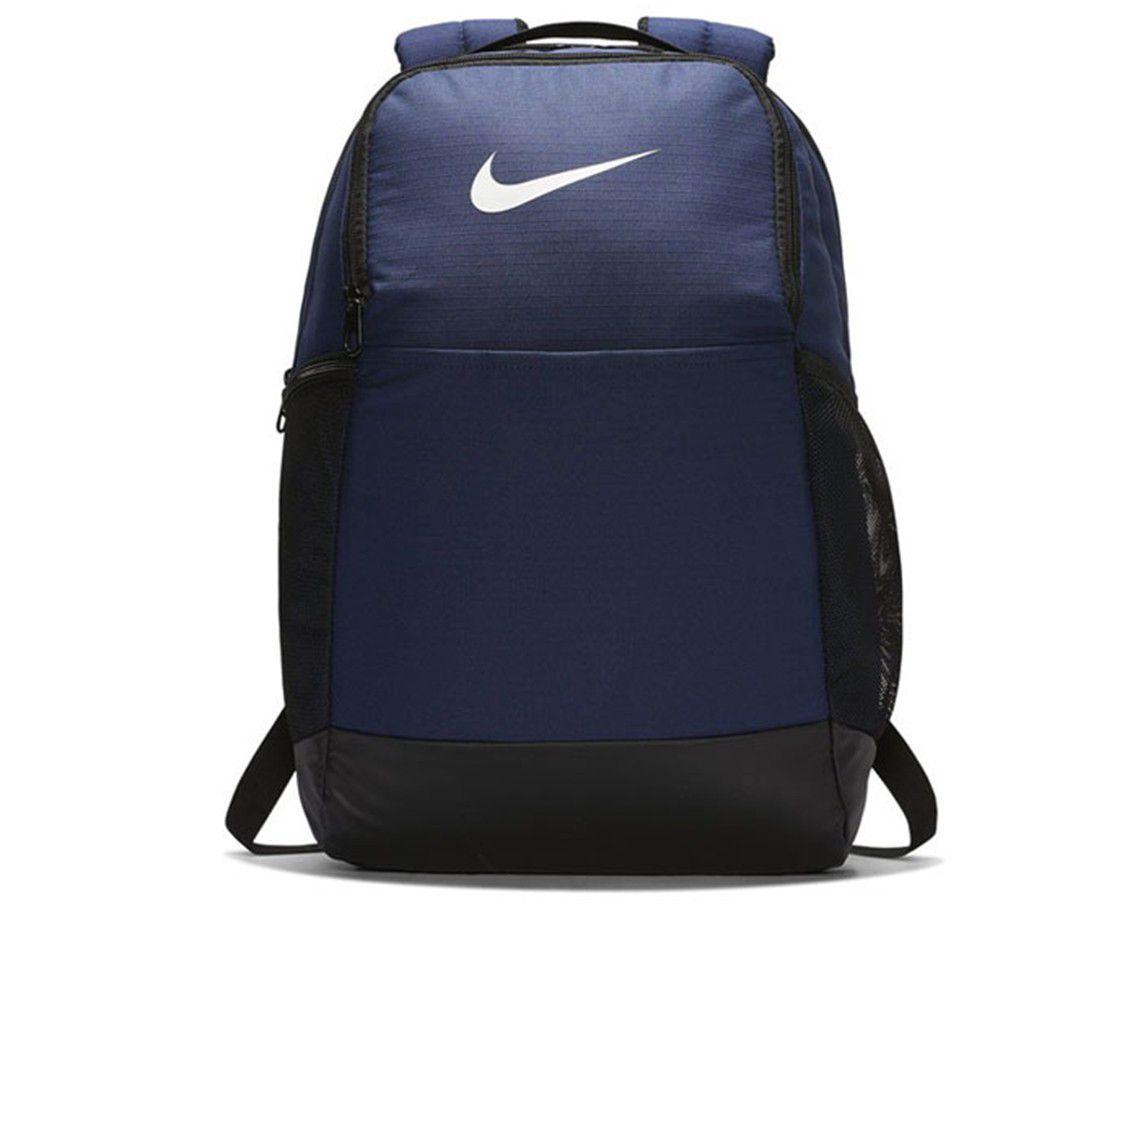 Mochila Nike Brasilia 24L ( Média) - Azul Marinho